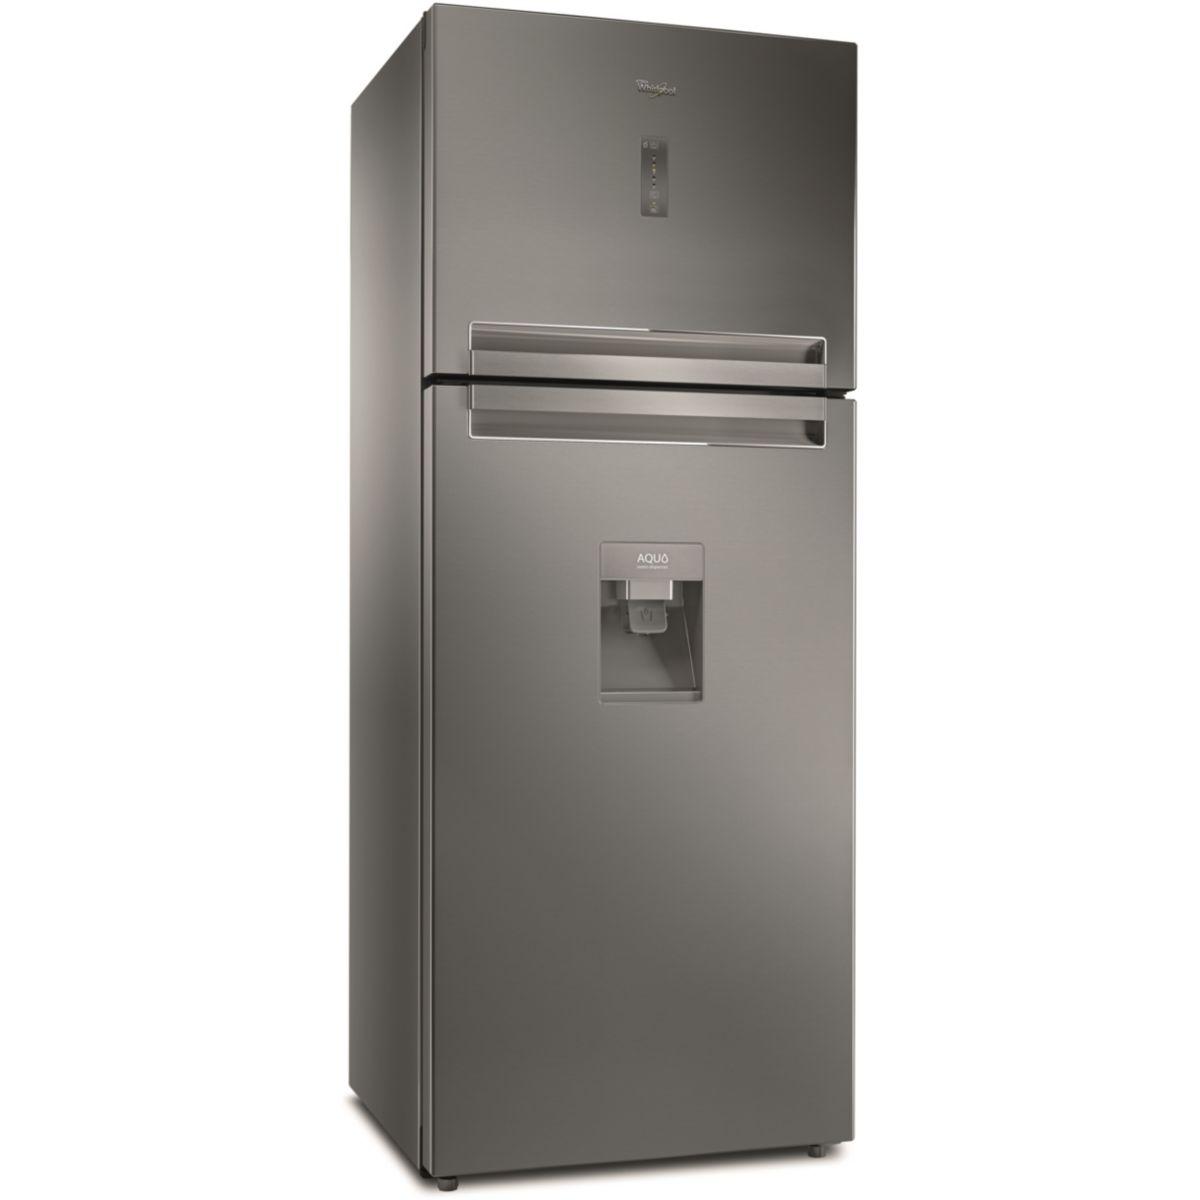 Réfrigérateur 2 portes WHIRLPOOL TTNF8211OXAQUA